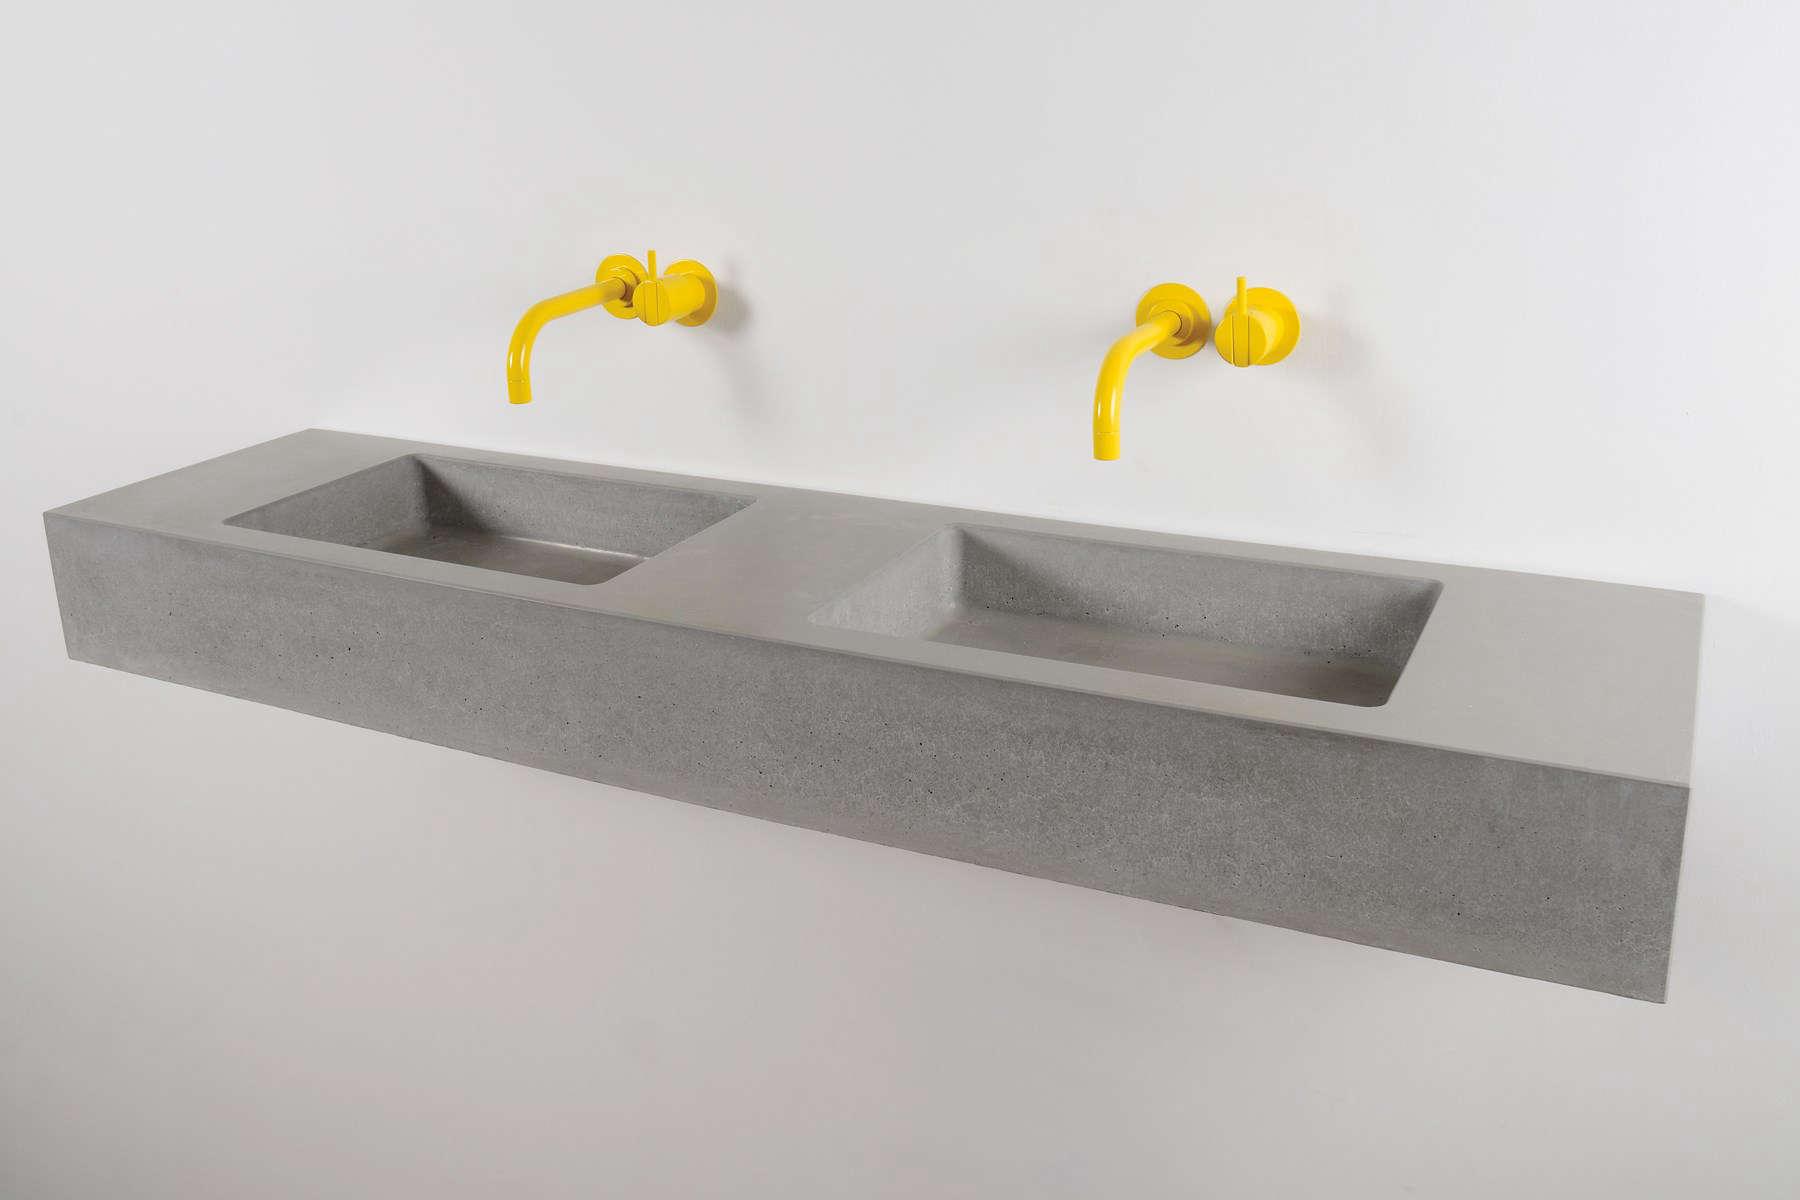 sienna-kast-concrete-basin-remodelista